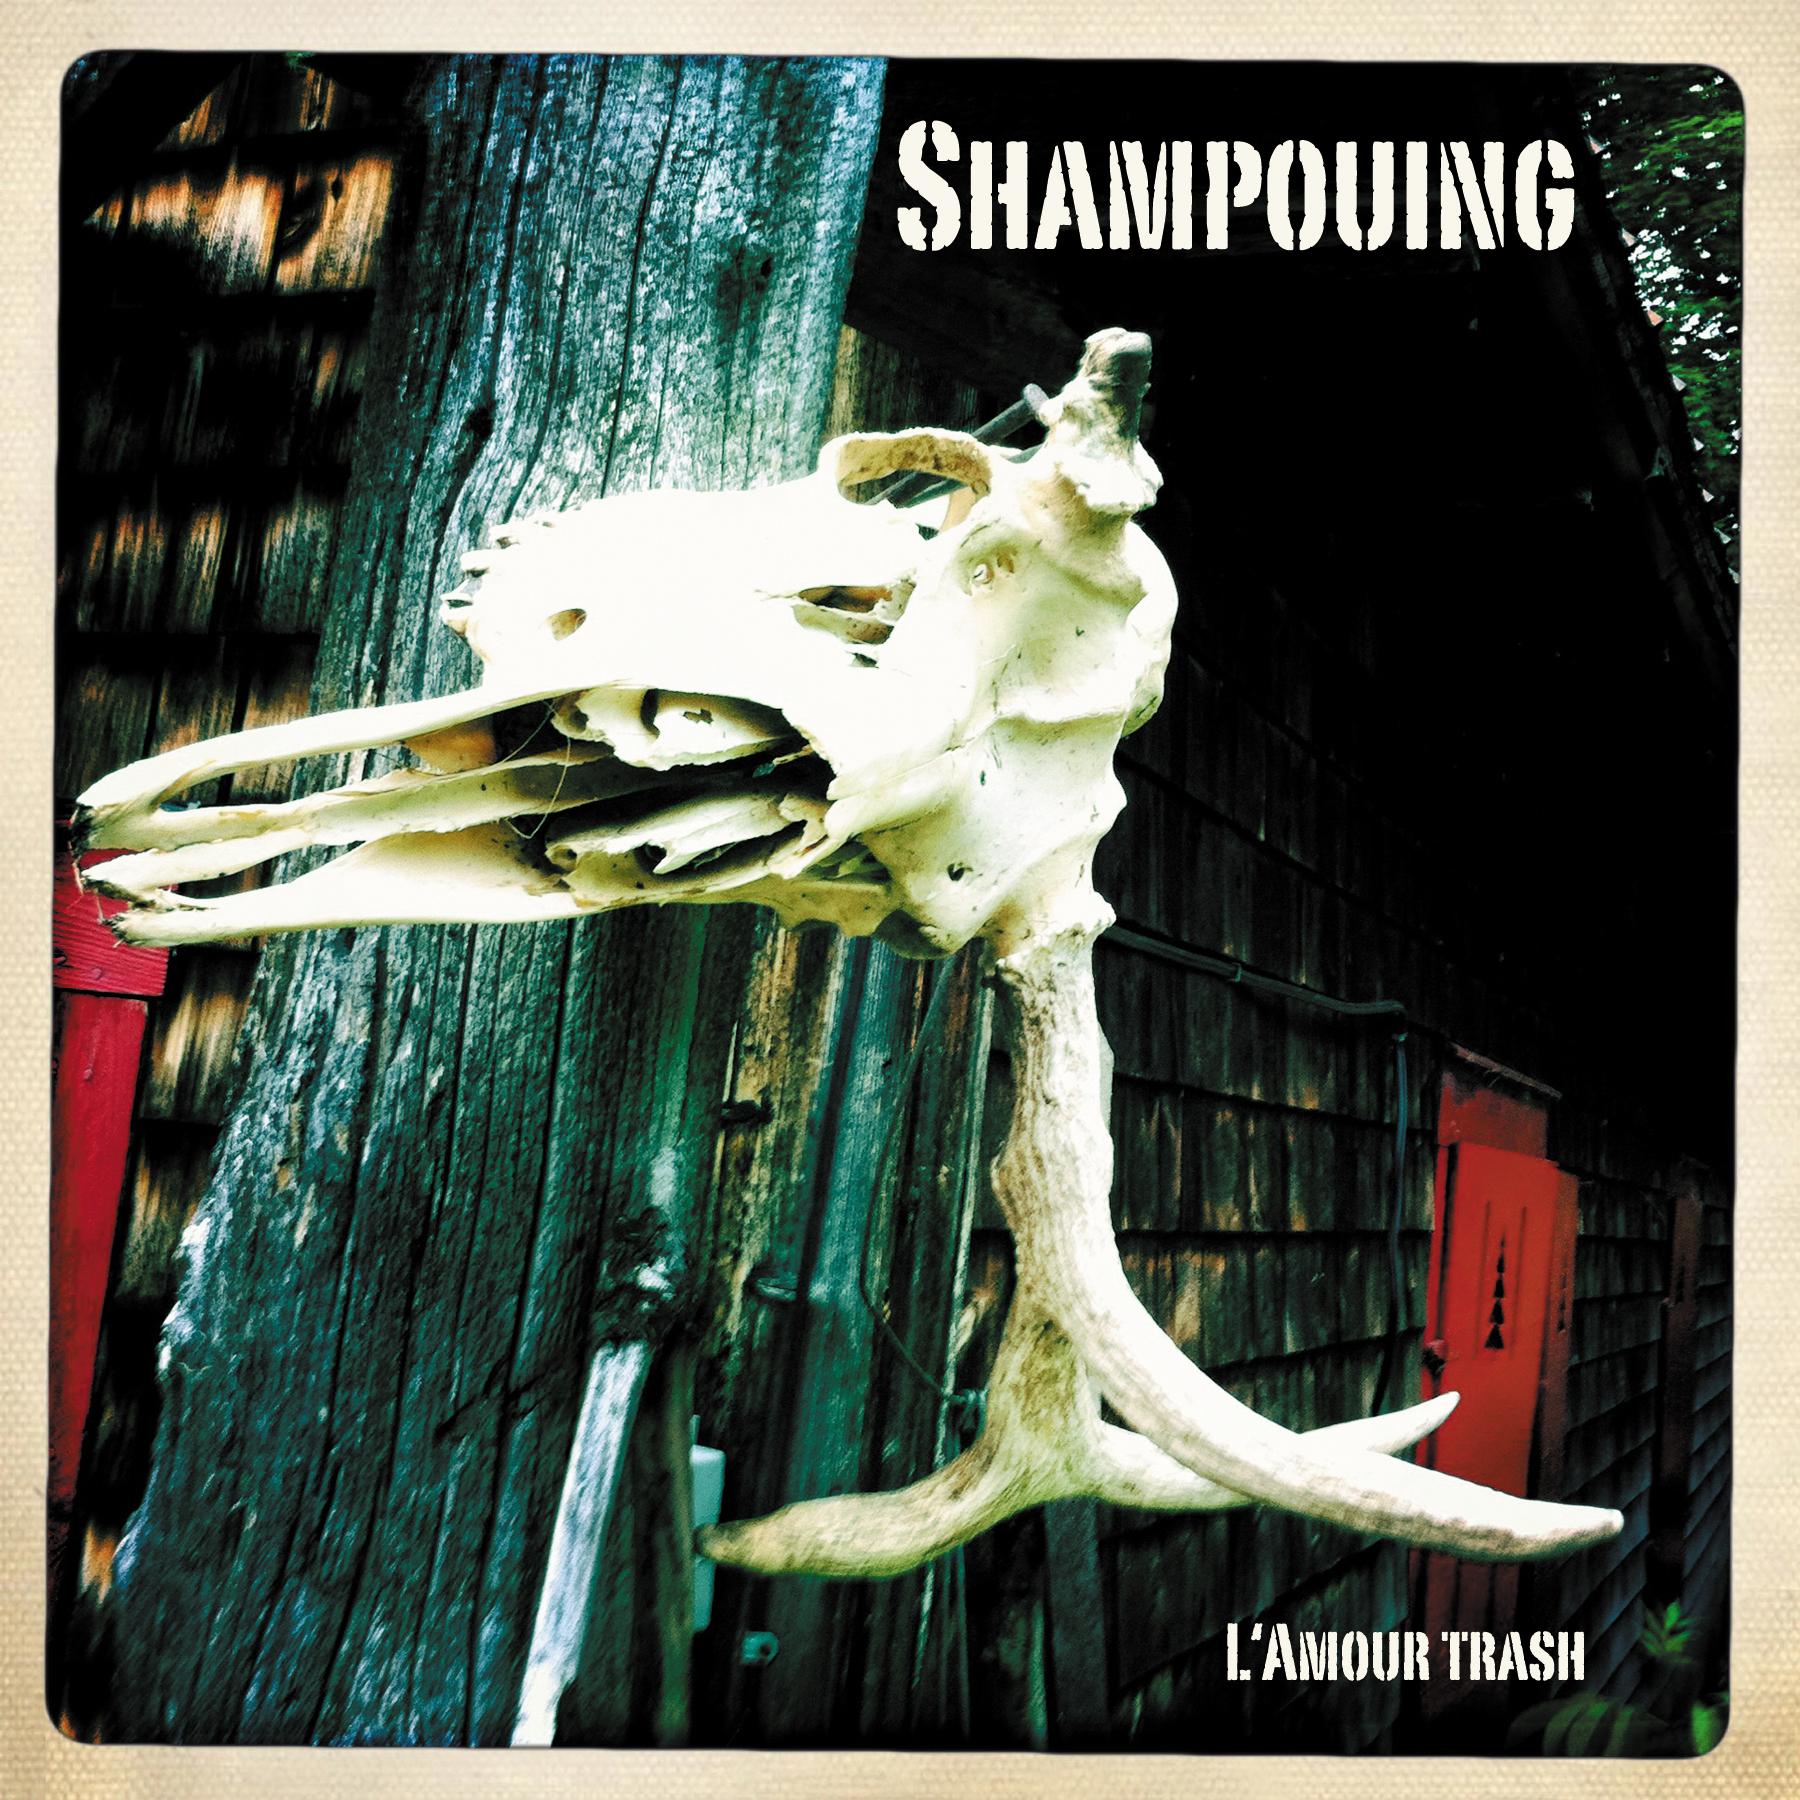 Shampouing / L'amour trash